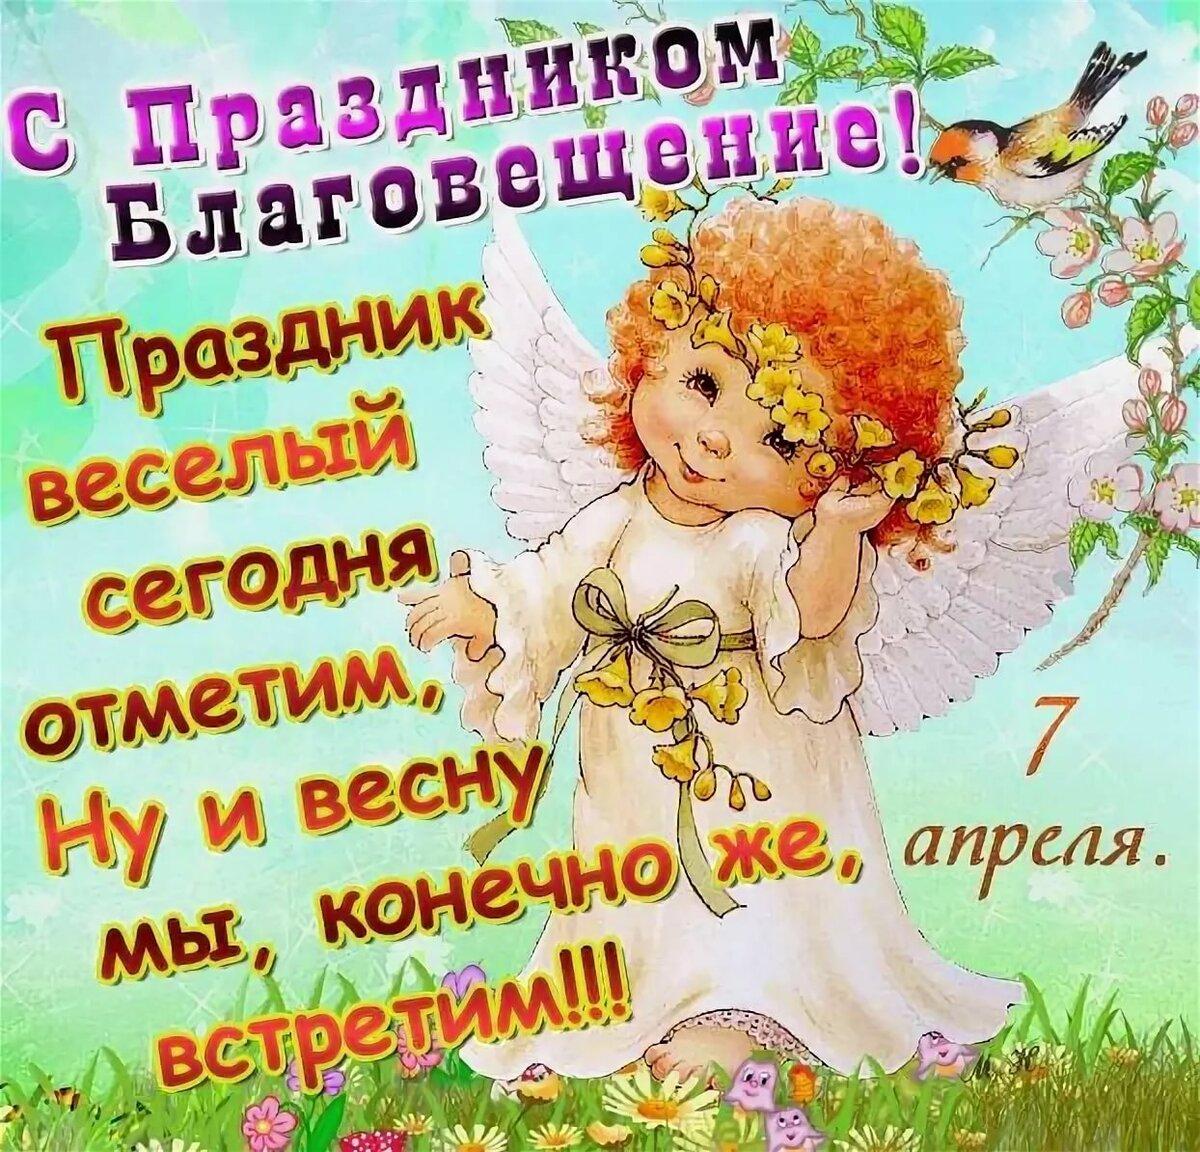 Благовещение поздравление в картинках, днем рождения эл.почту